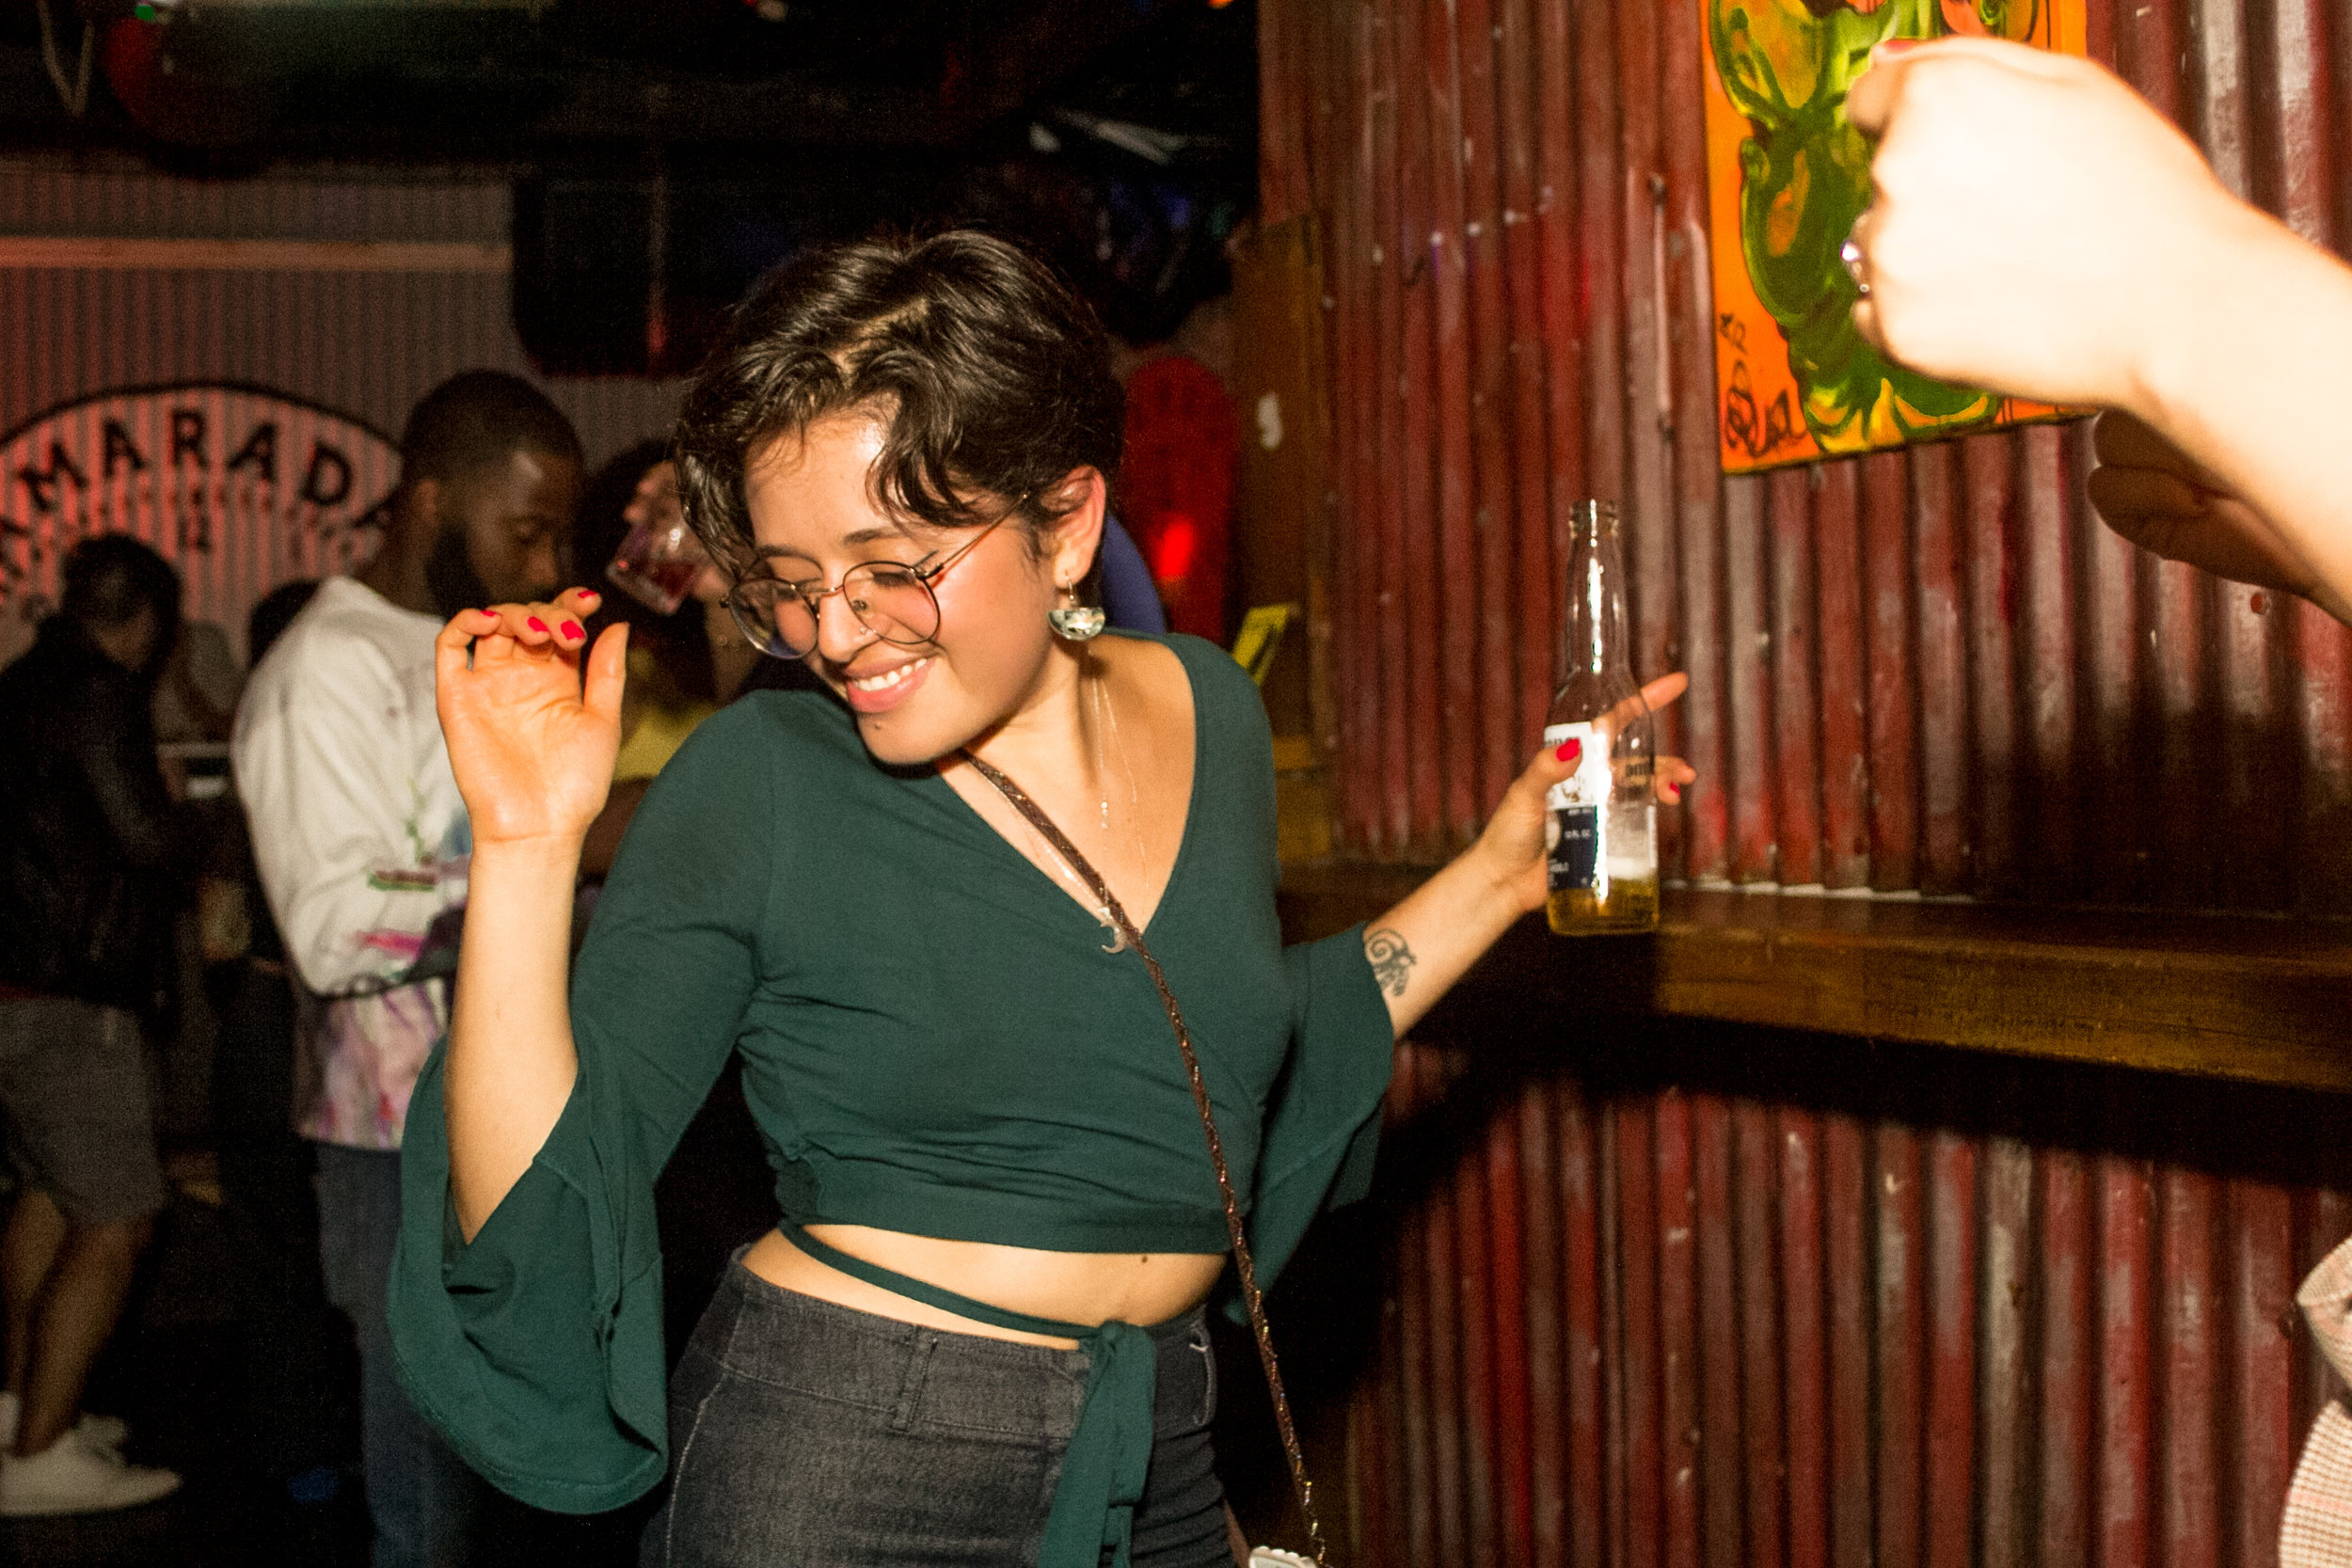 Photo by Chikki   www.ojosnebulosos.com